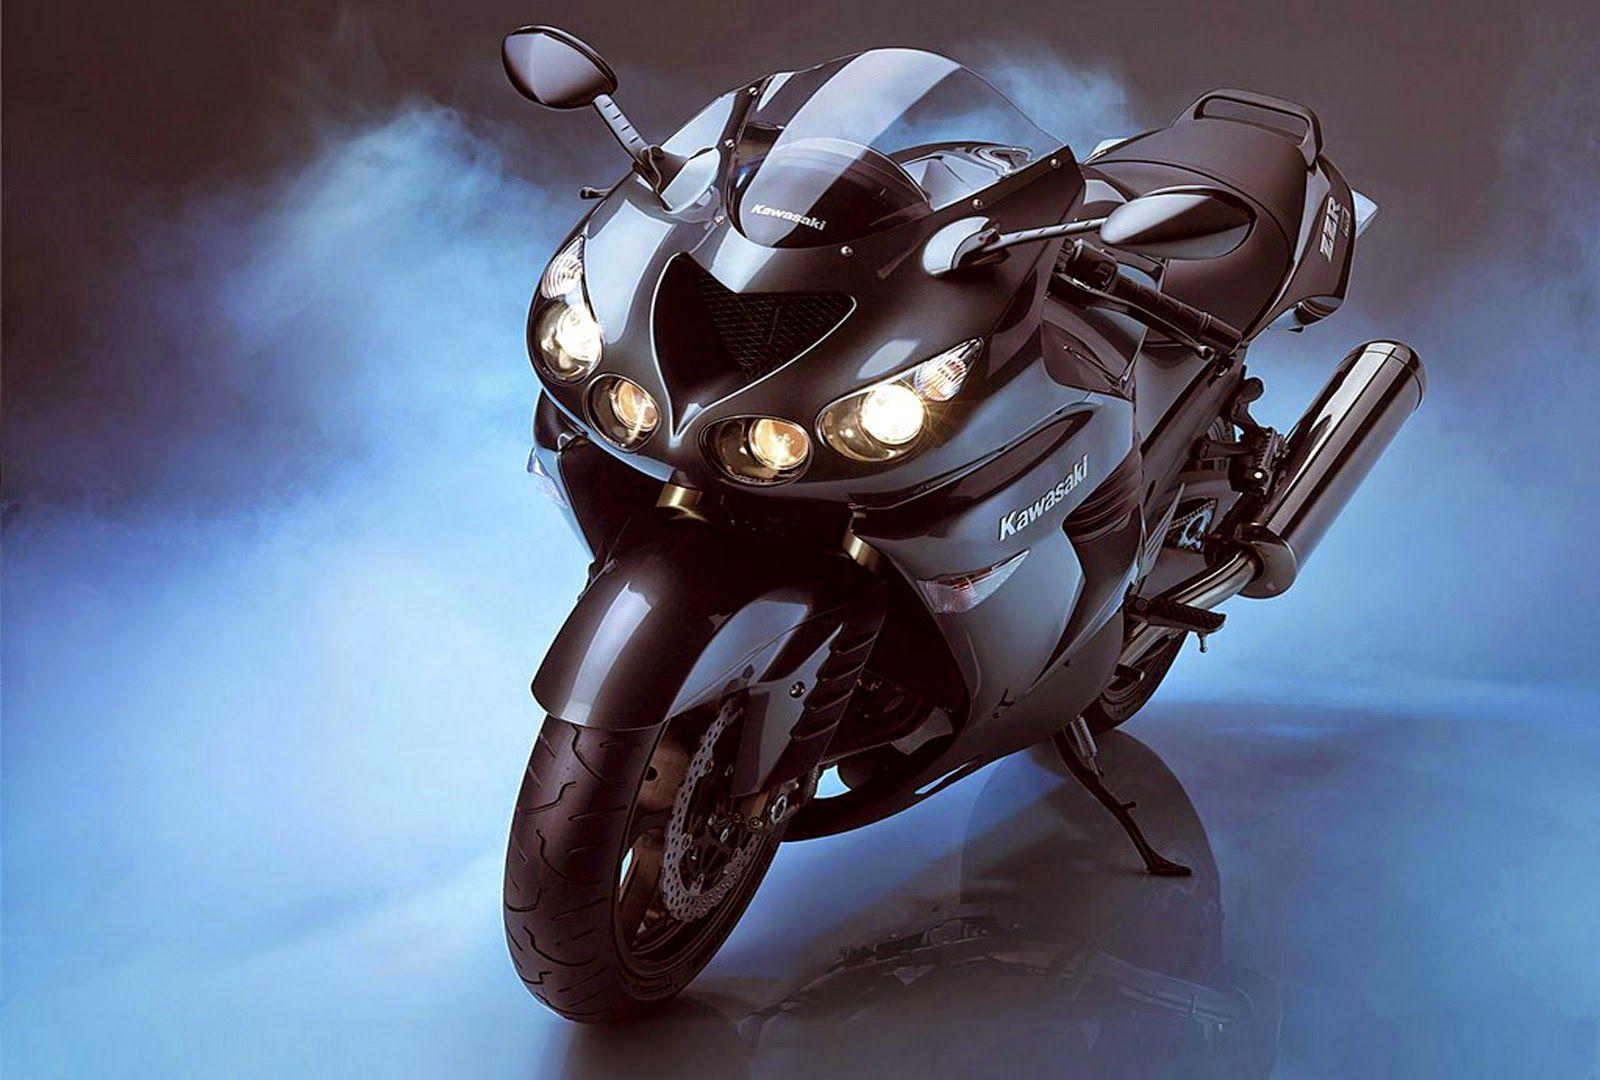 Bikes With Images Kawasaki Motorcycles Super Bikes Motorcycle